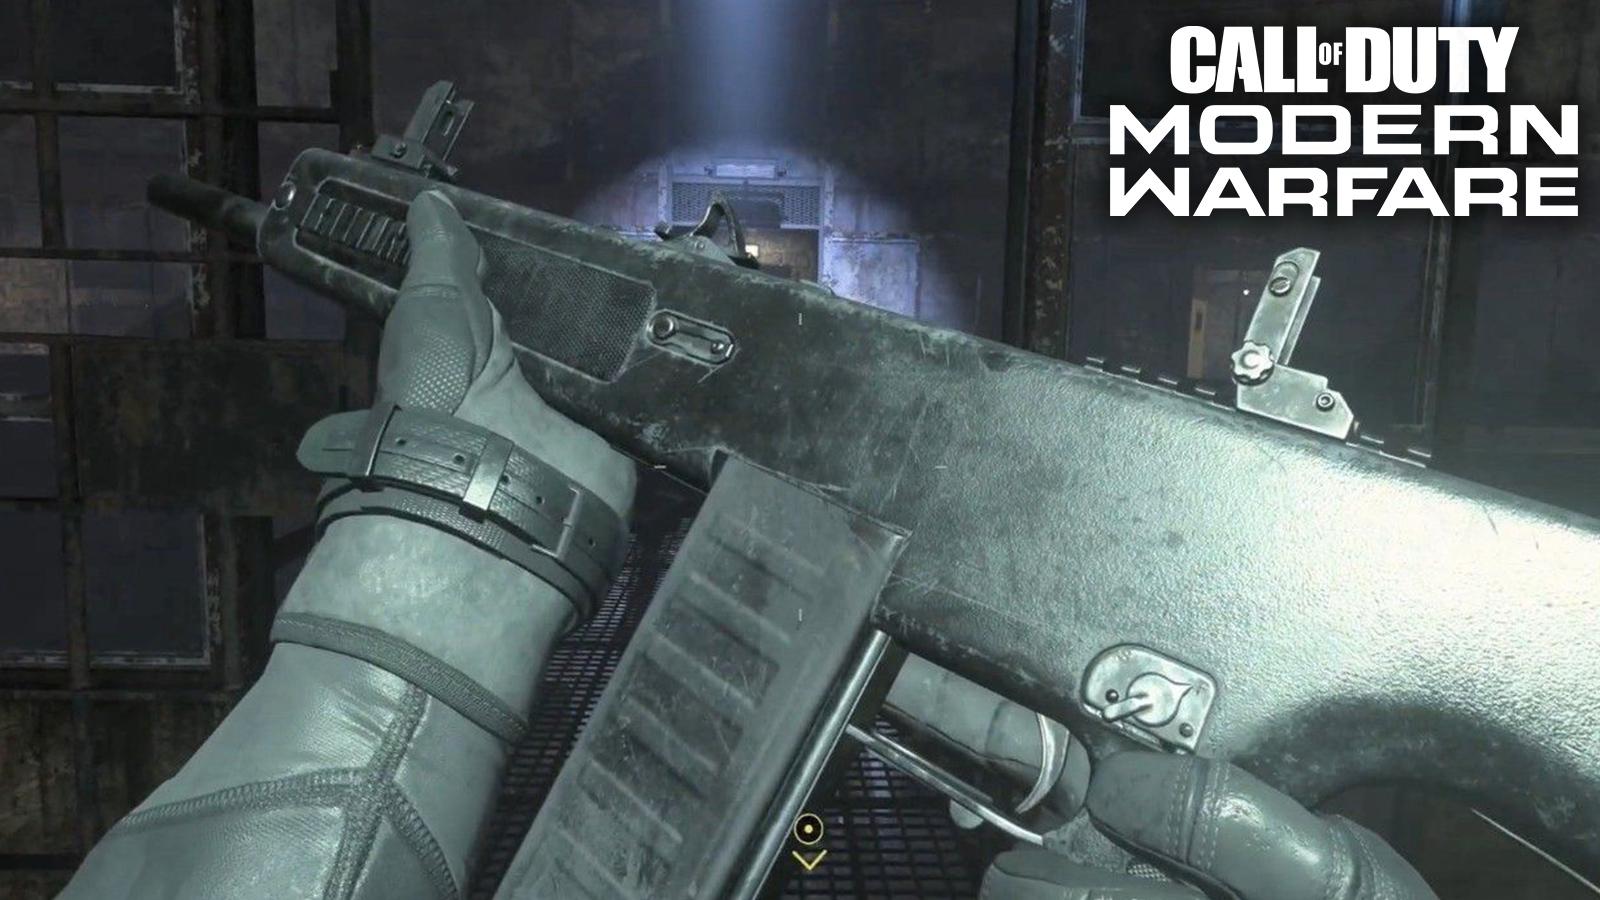 Player holding JAK-12 shotgun in Modern Warfare.